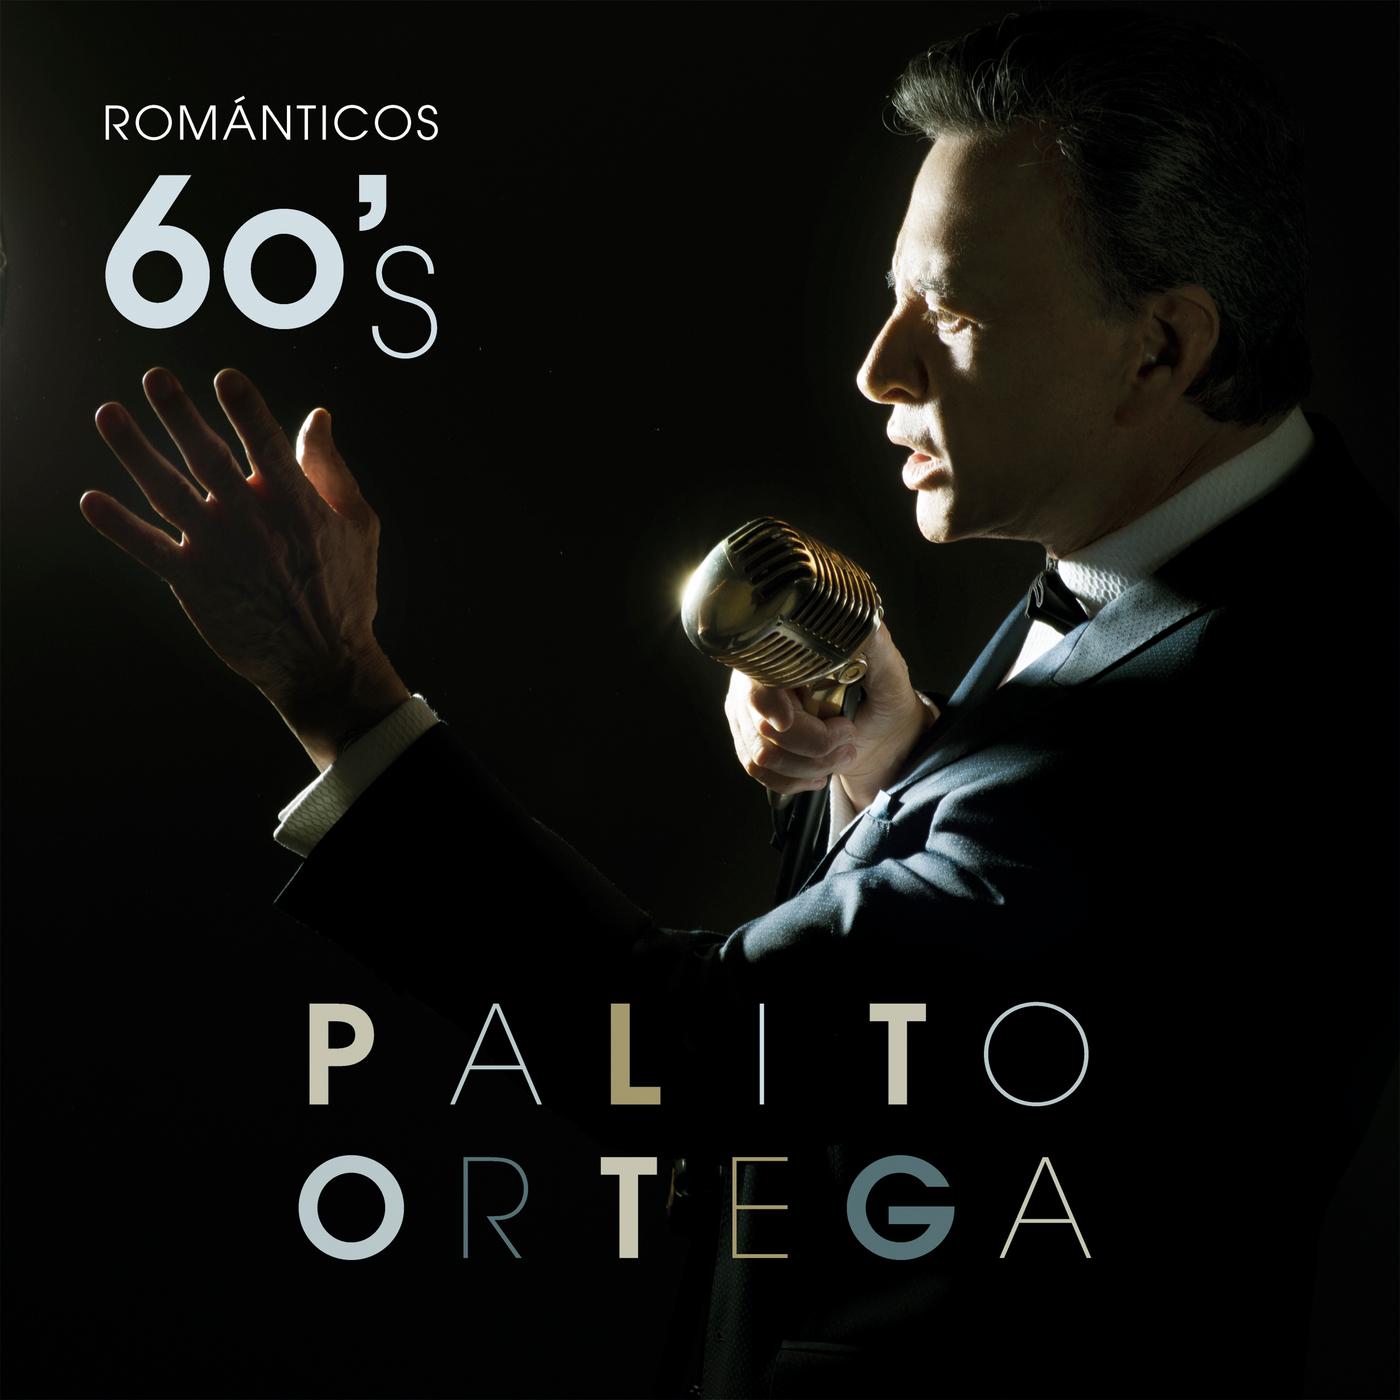 Románticos 60's - Palito Ortega